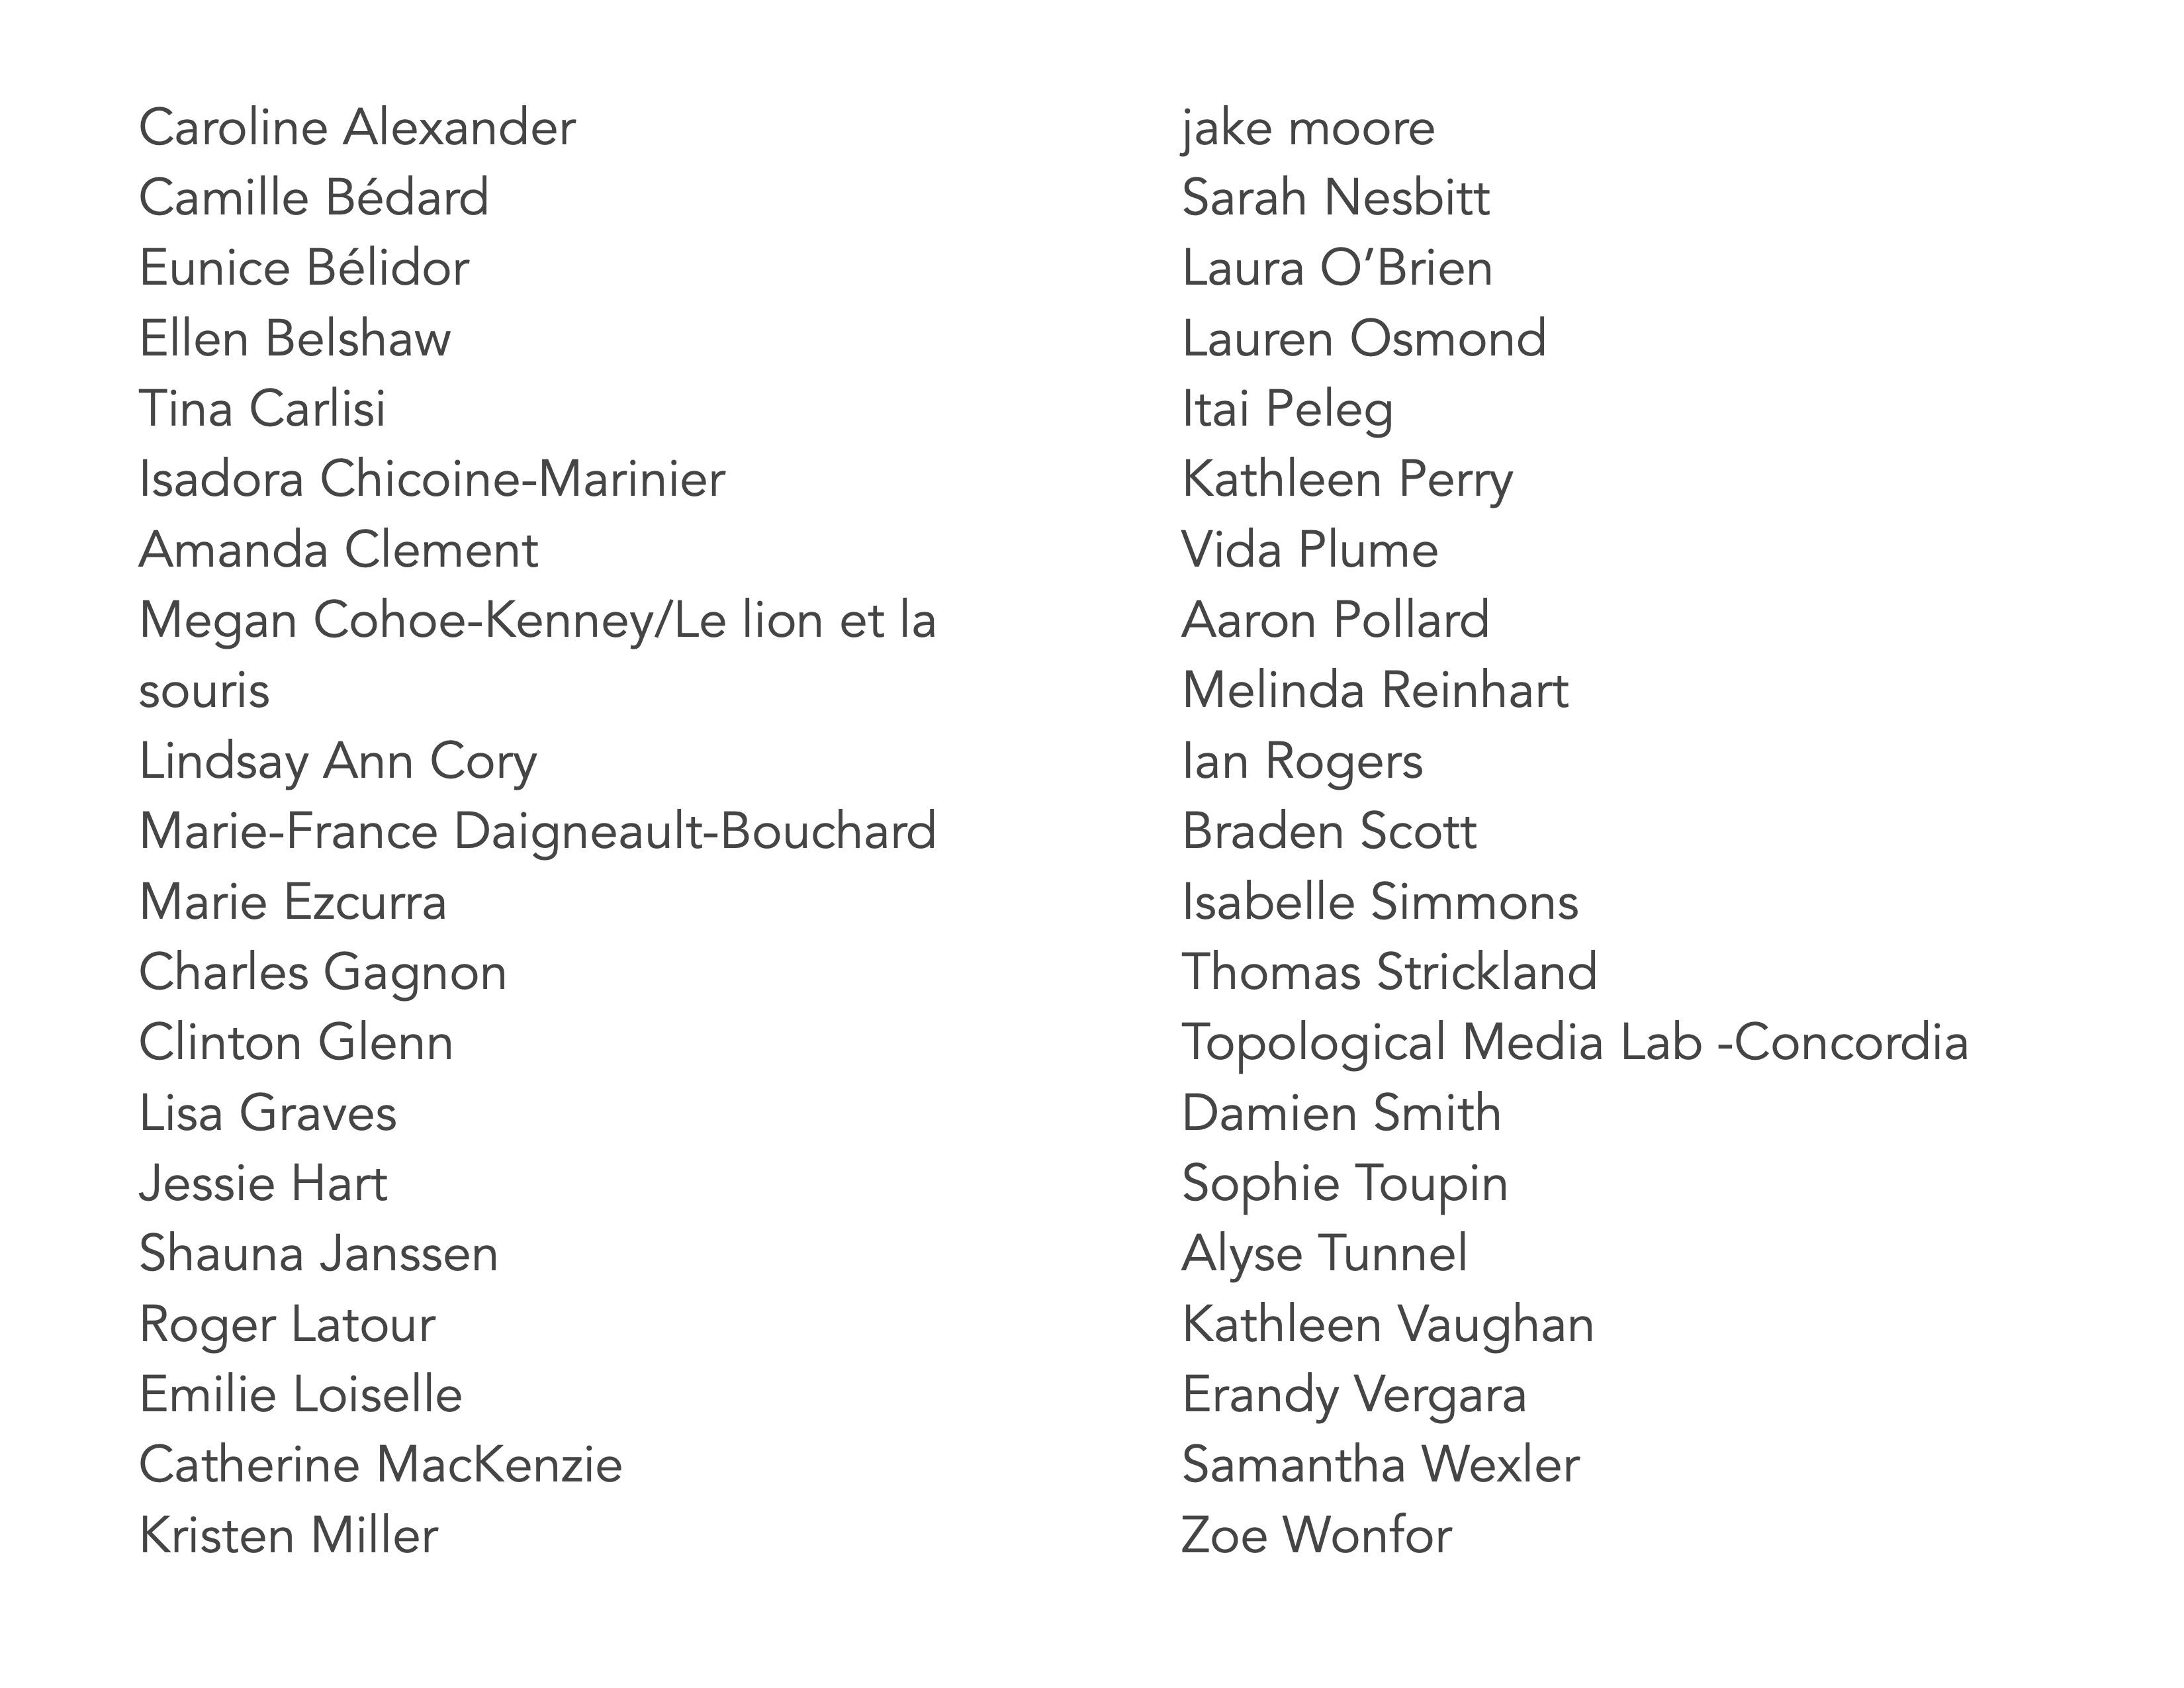 possible participants